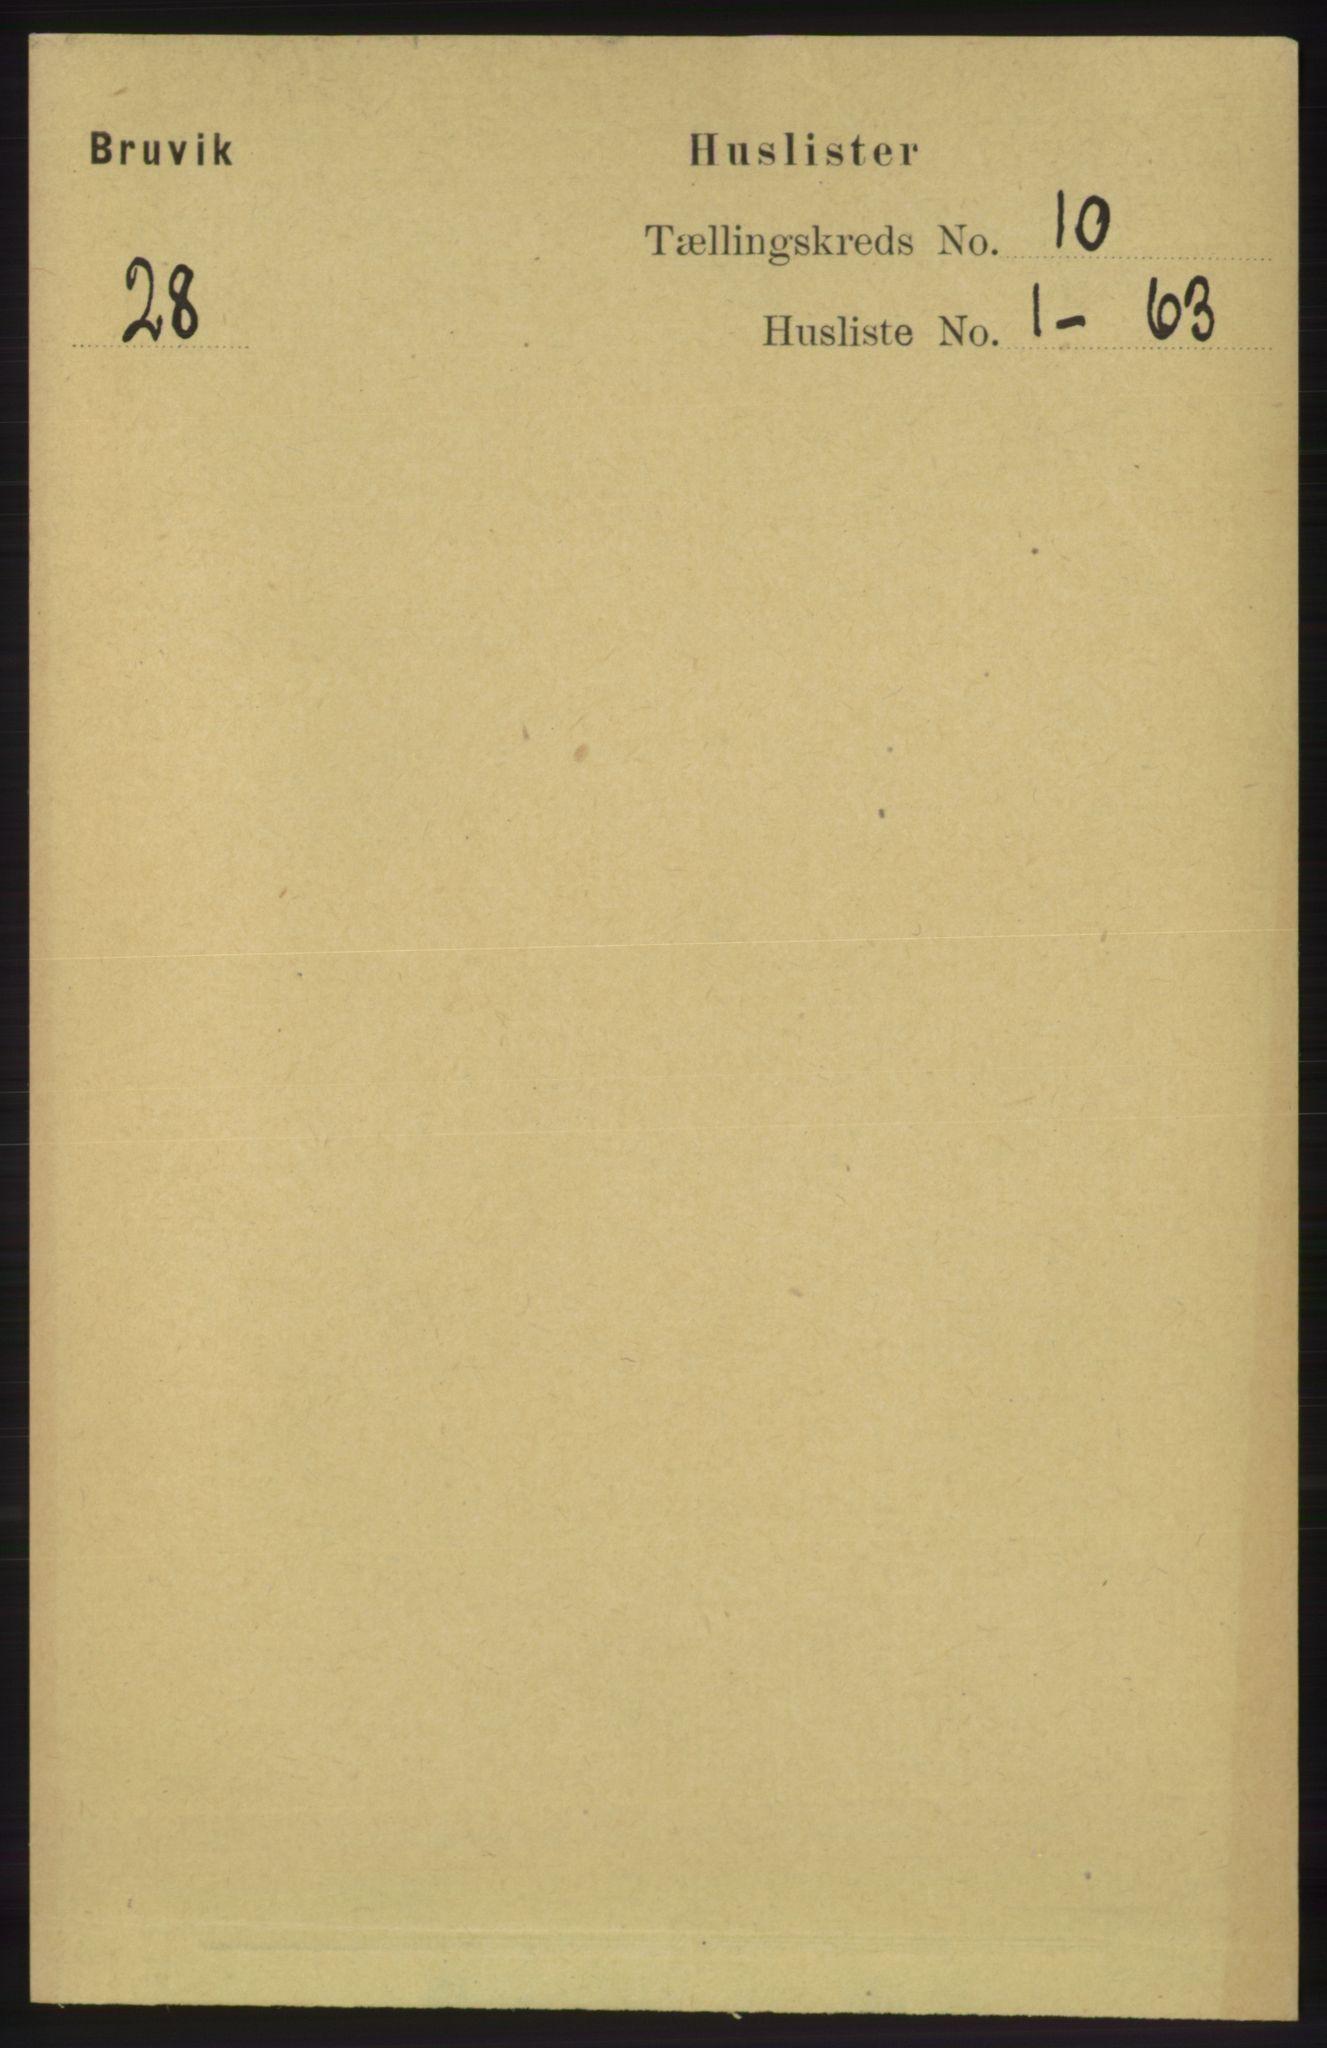 RA, Folketelling 1891 for 1251 Bruvik herred, 1891, s. 3588